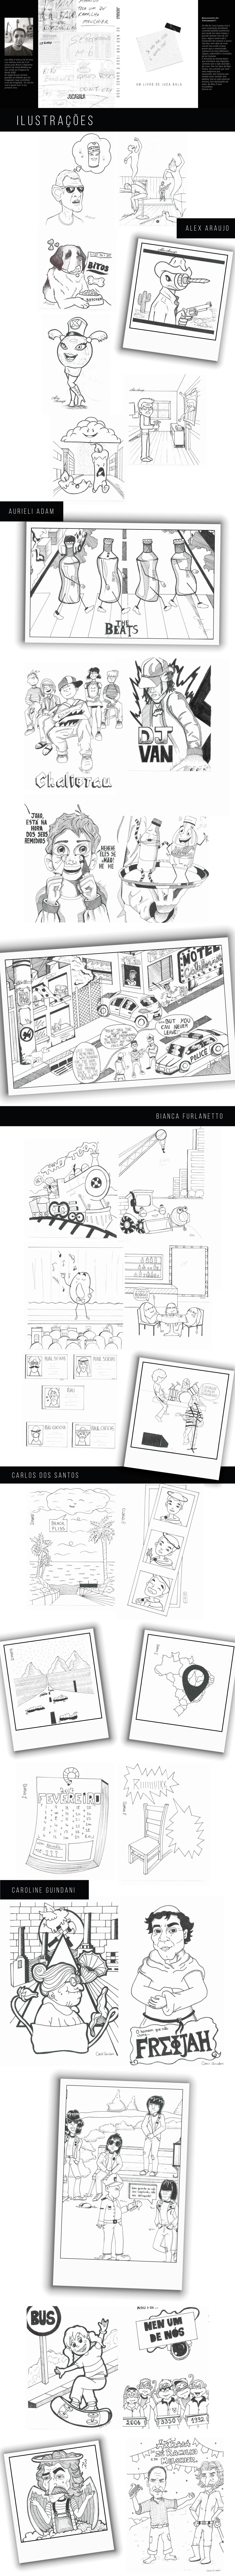 Ilustracoes Juca Bala On Behance